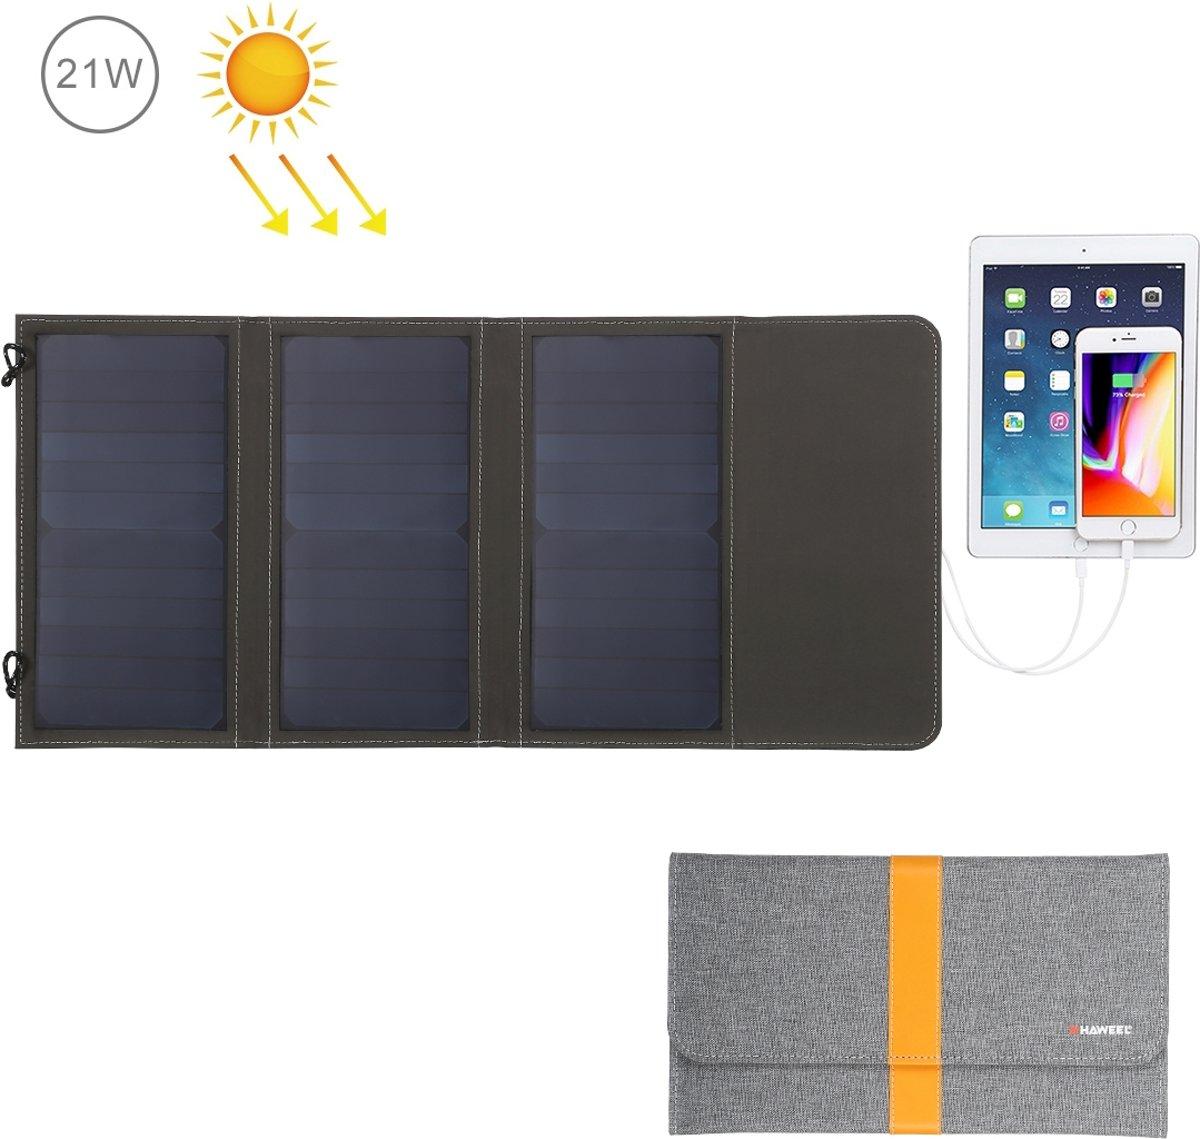 HAWEEL 21W Opvouwbare zonnepaneeloplader met 5V 2.9A Max dubbele USB-poorten